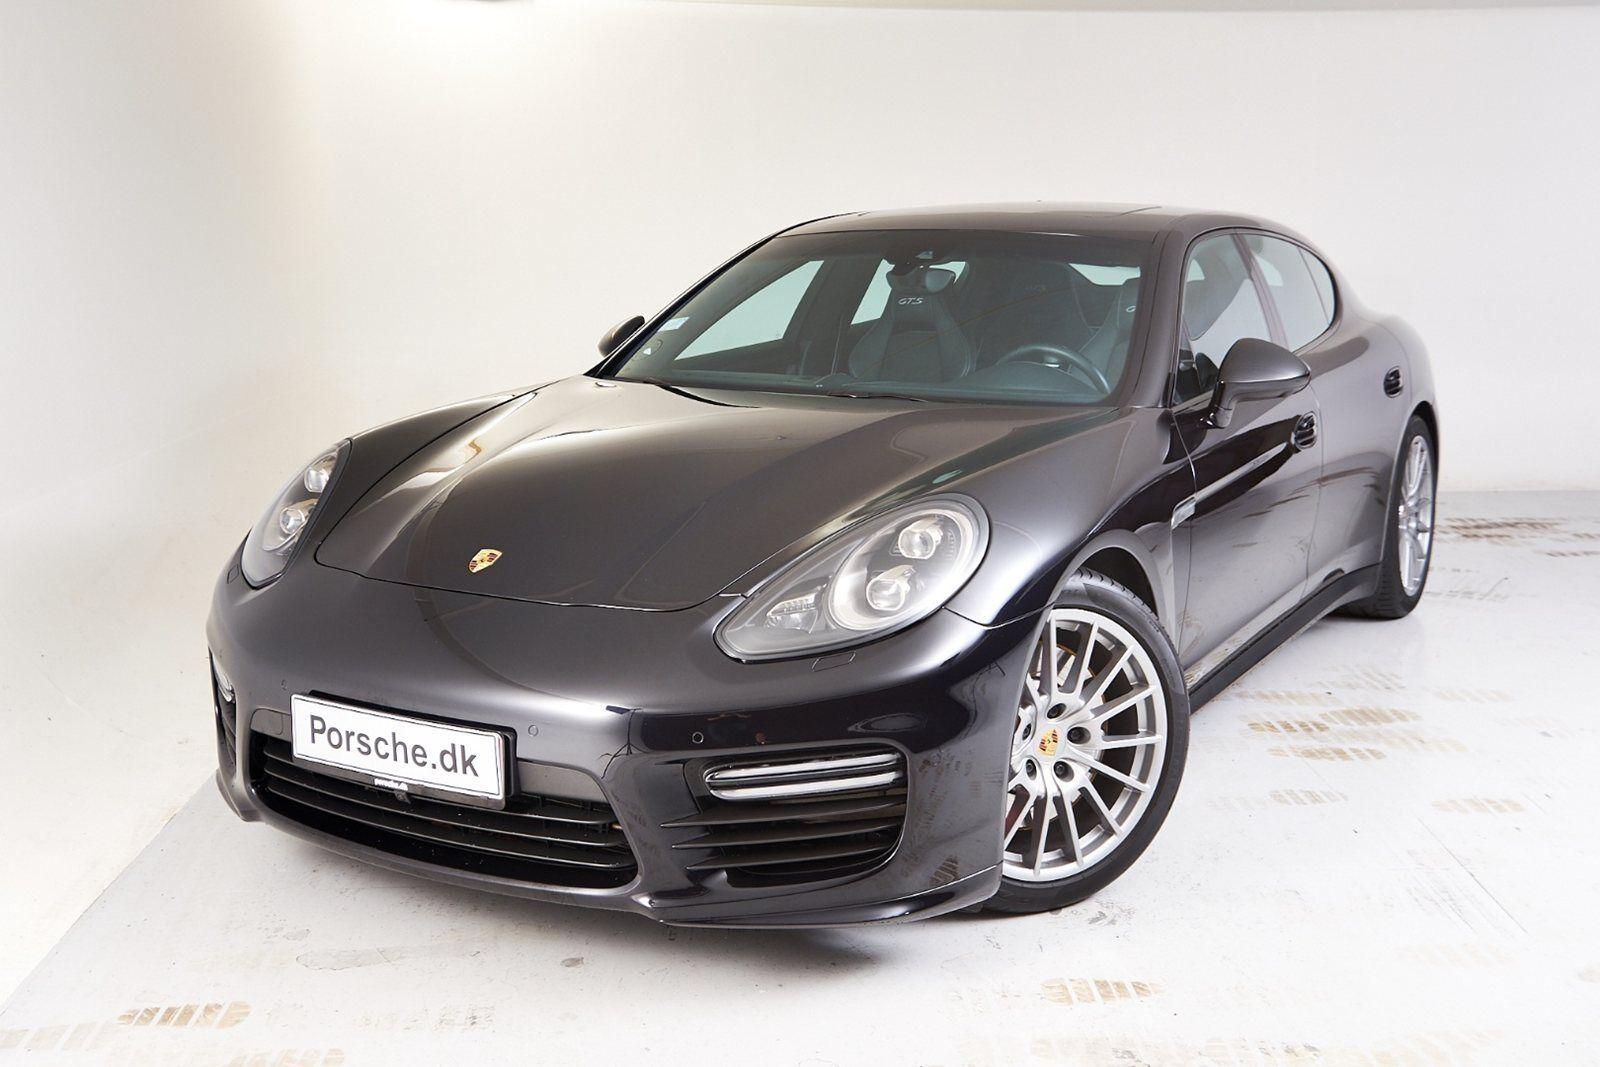 Porsche Panamera GTS 4,8 PDK 5d - 9.972 kr.